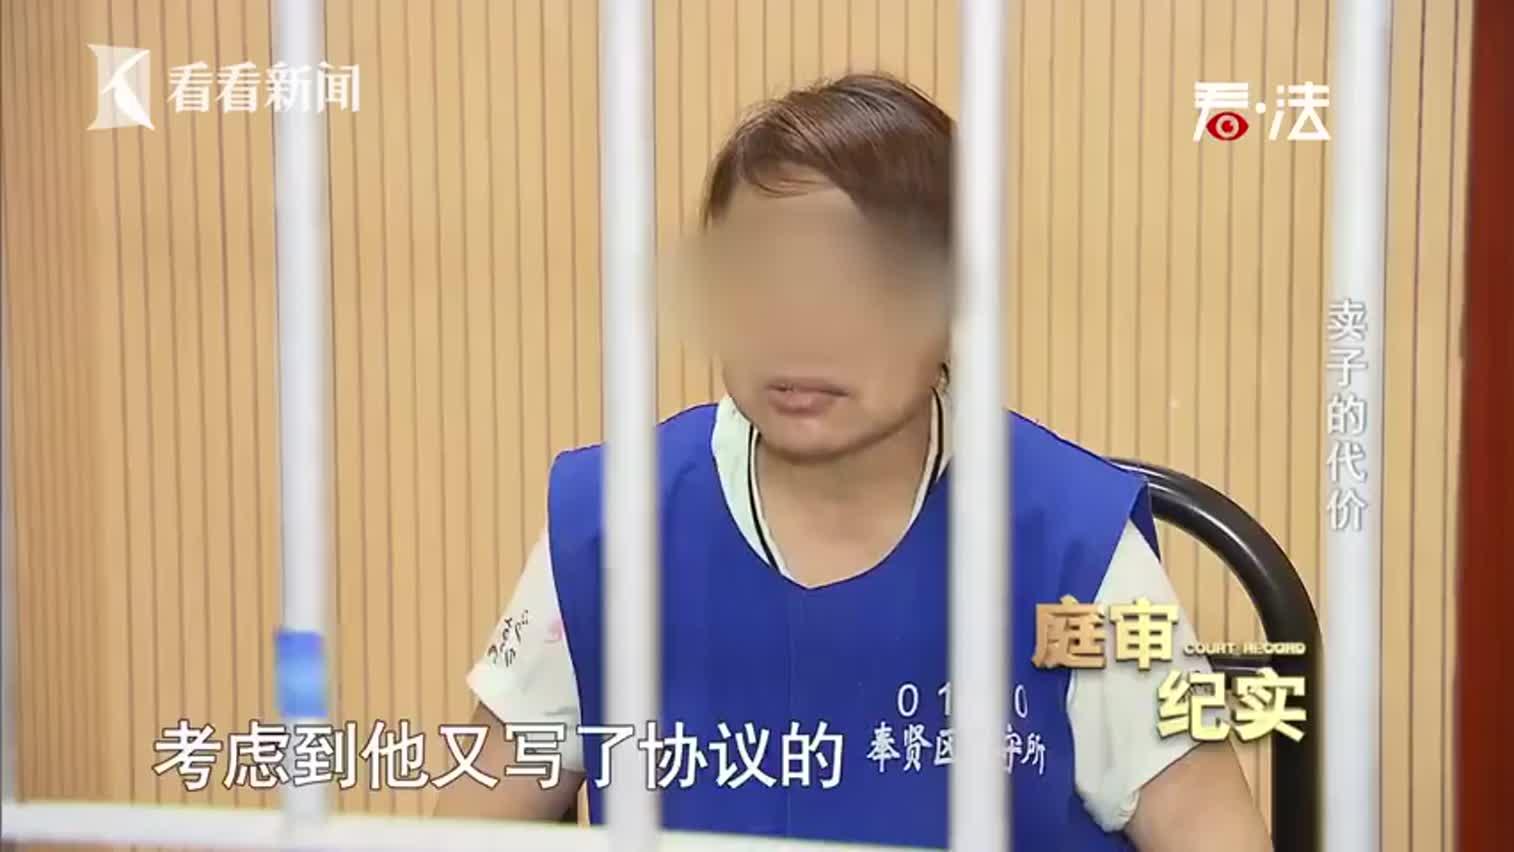 视频-上海一对夫妻为筹钱4万元卖掉亲生儿子 反悔